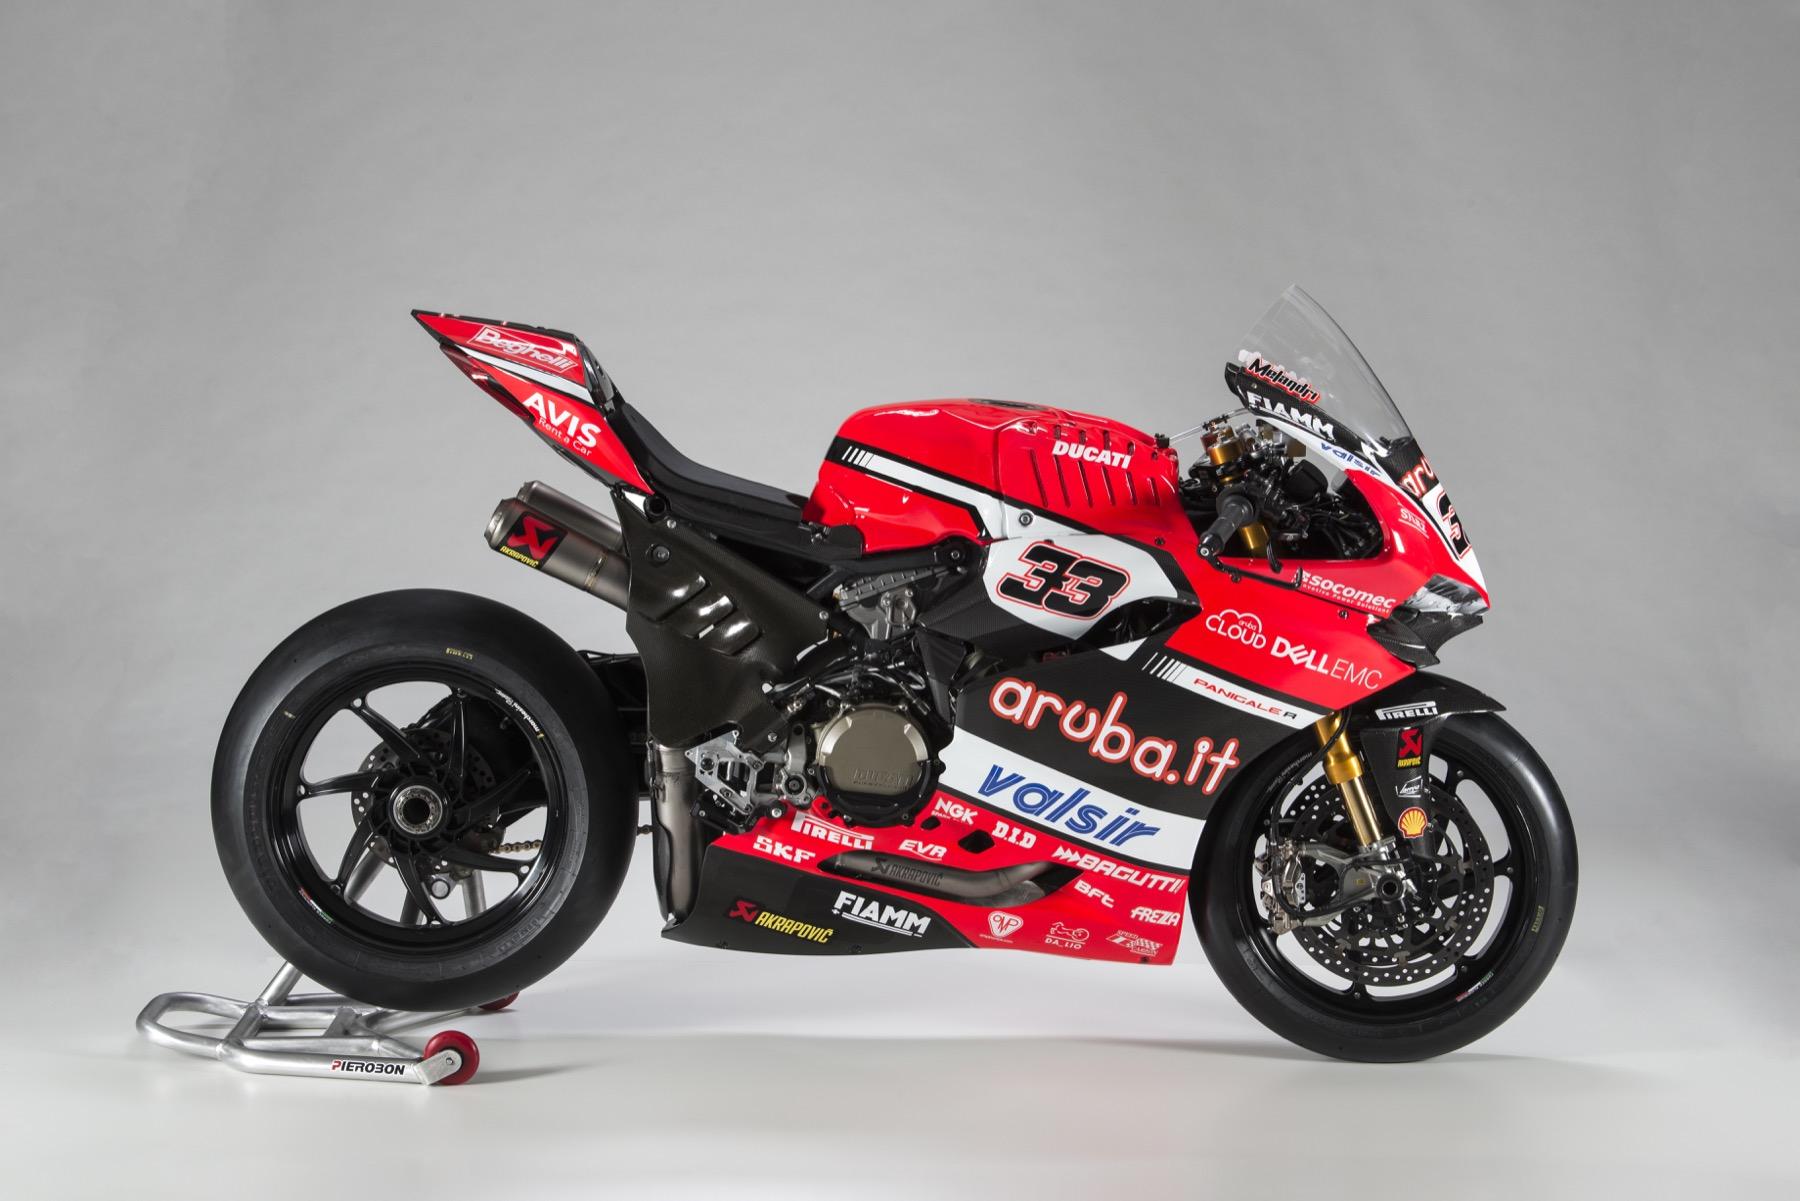 Estas son las Ducati Panigale R de Marco Melandri y Chaz Davies